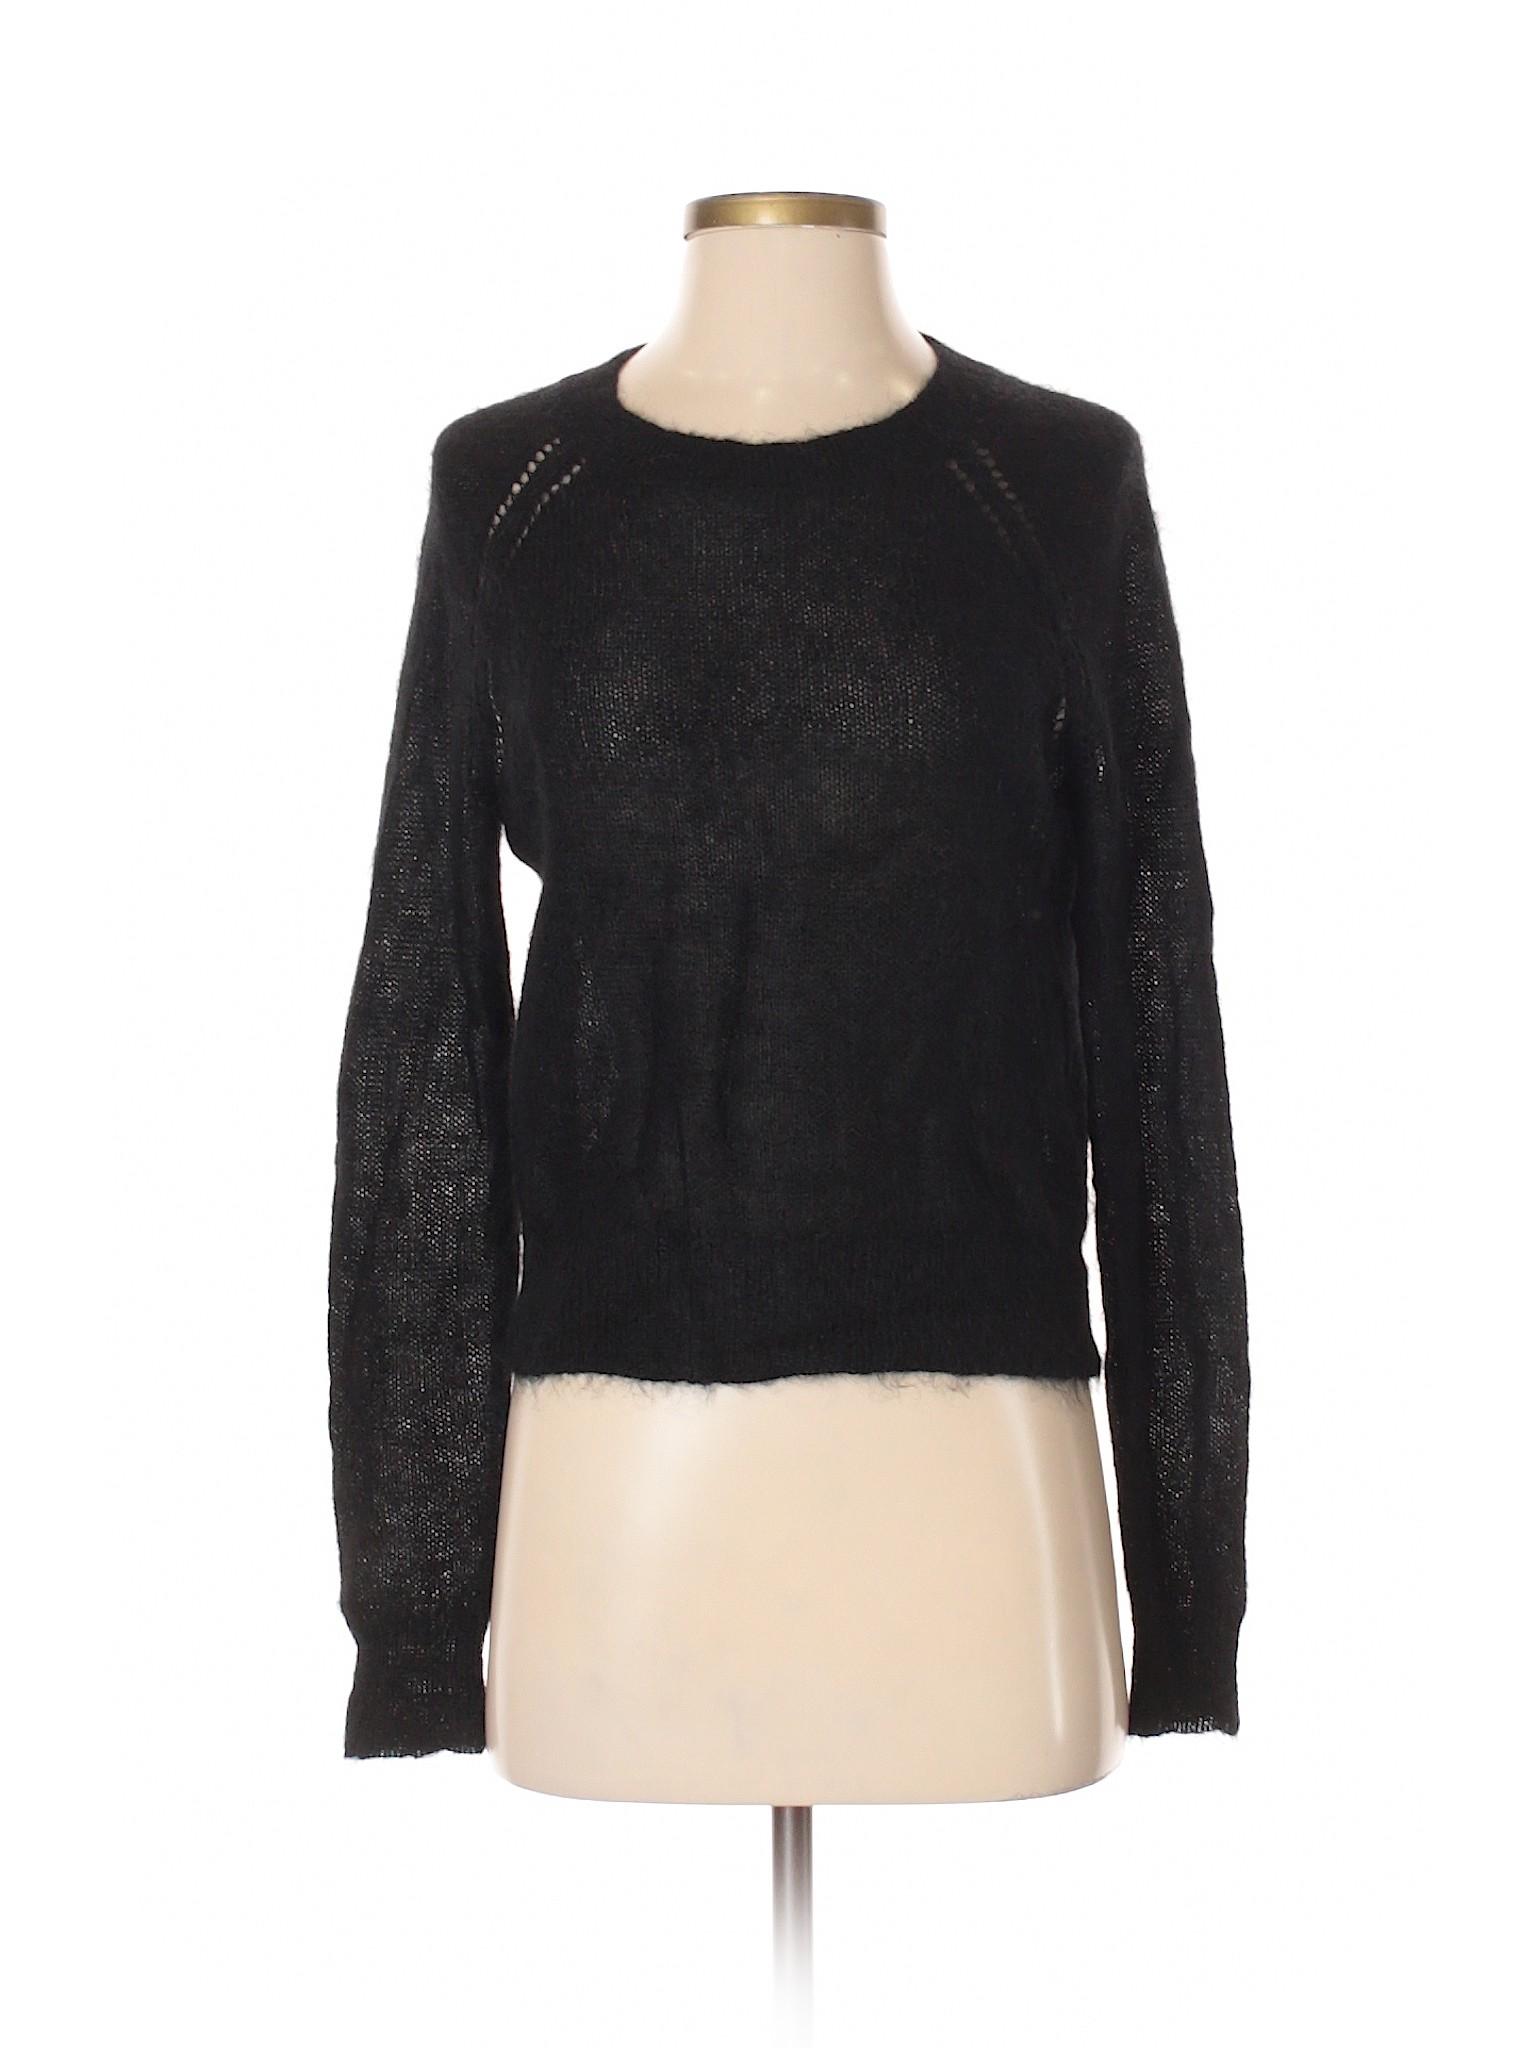 Boutique winter Sweater Republic Pullover Banana 6p6qrxf